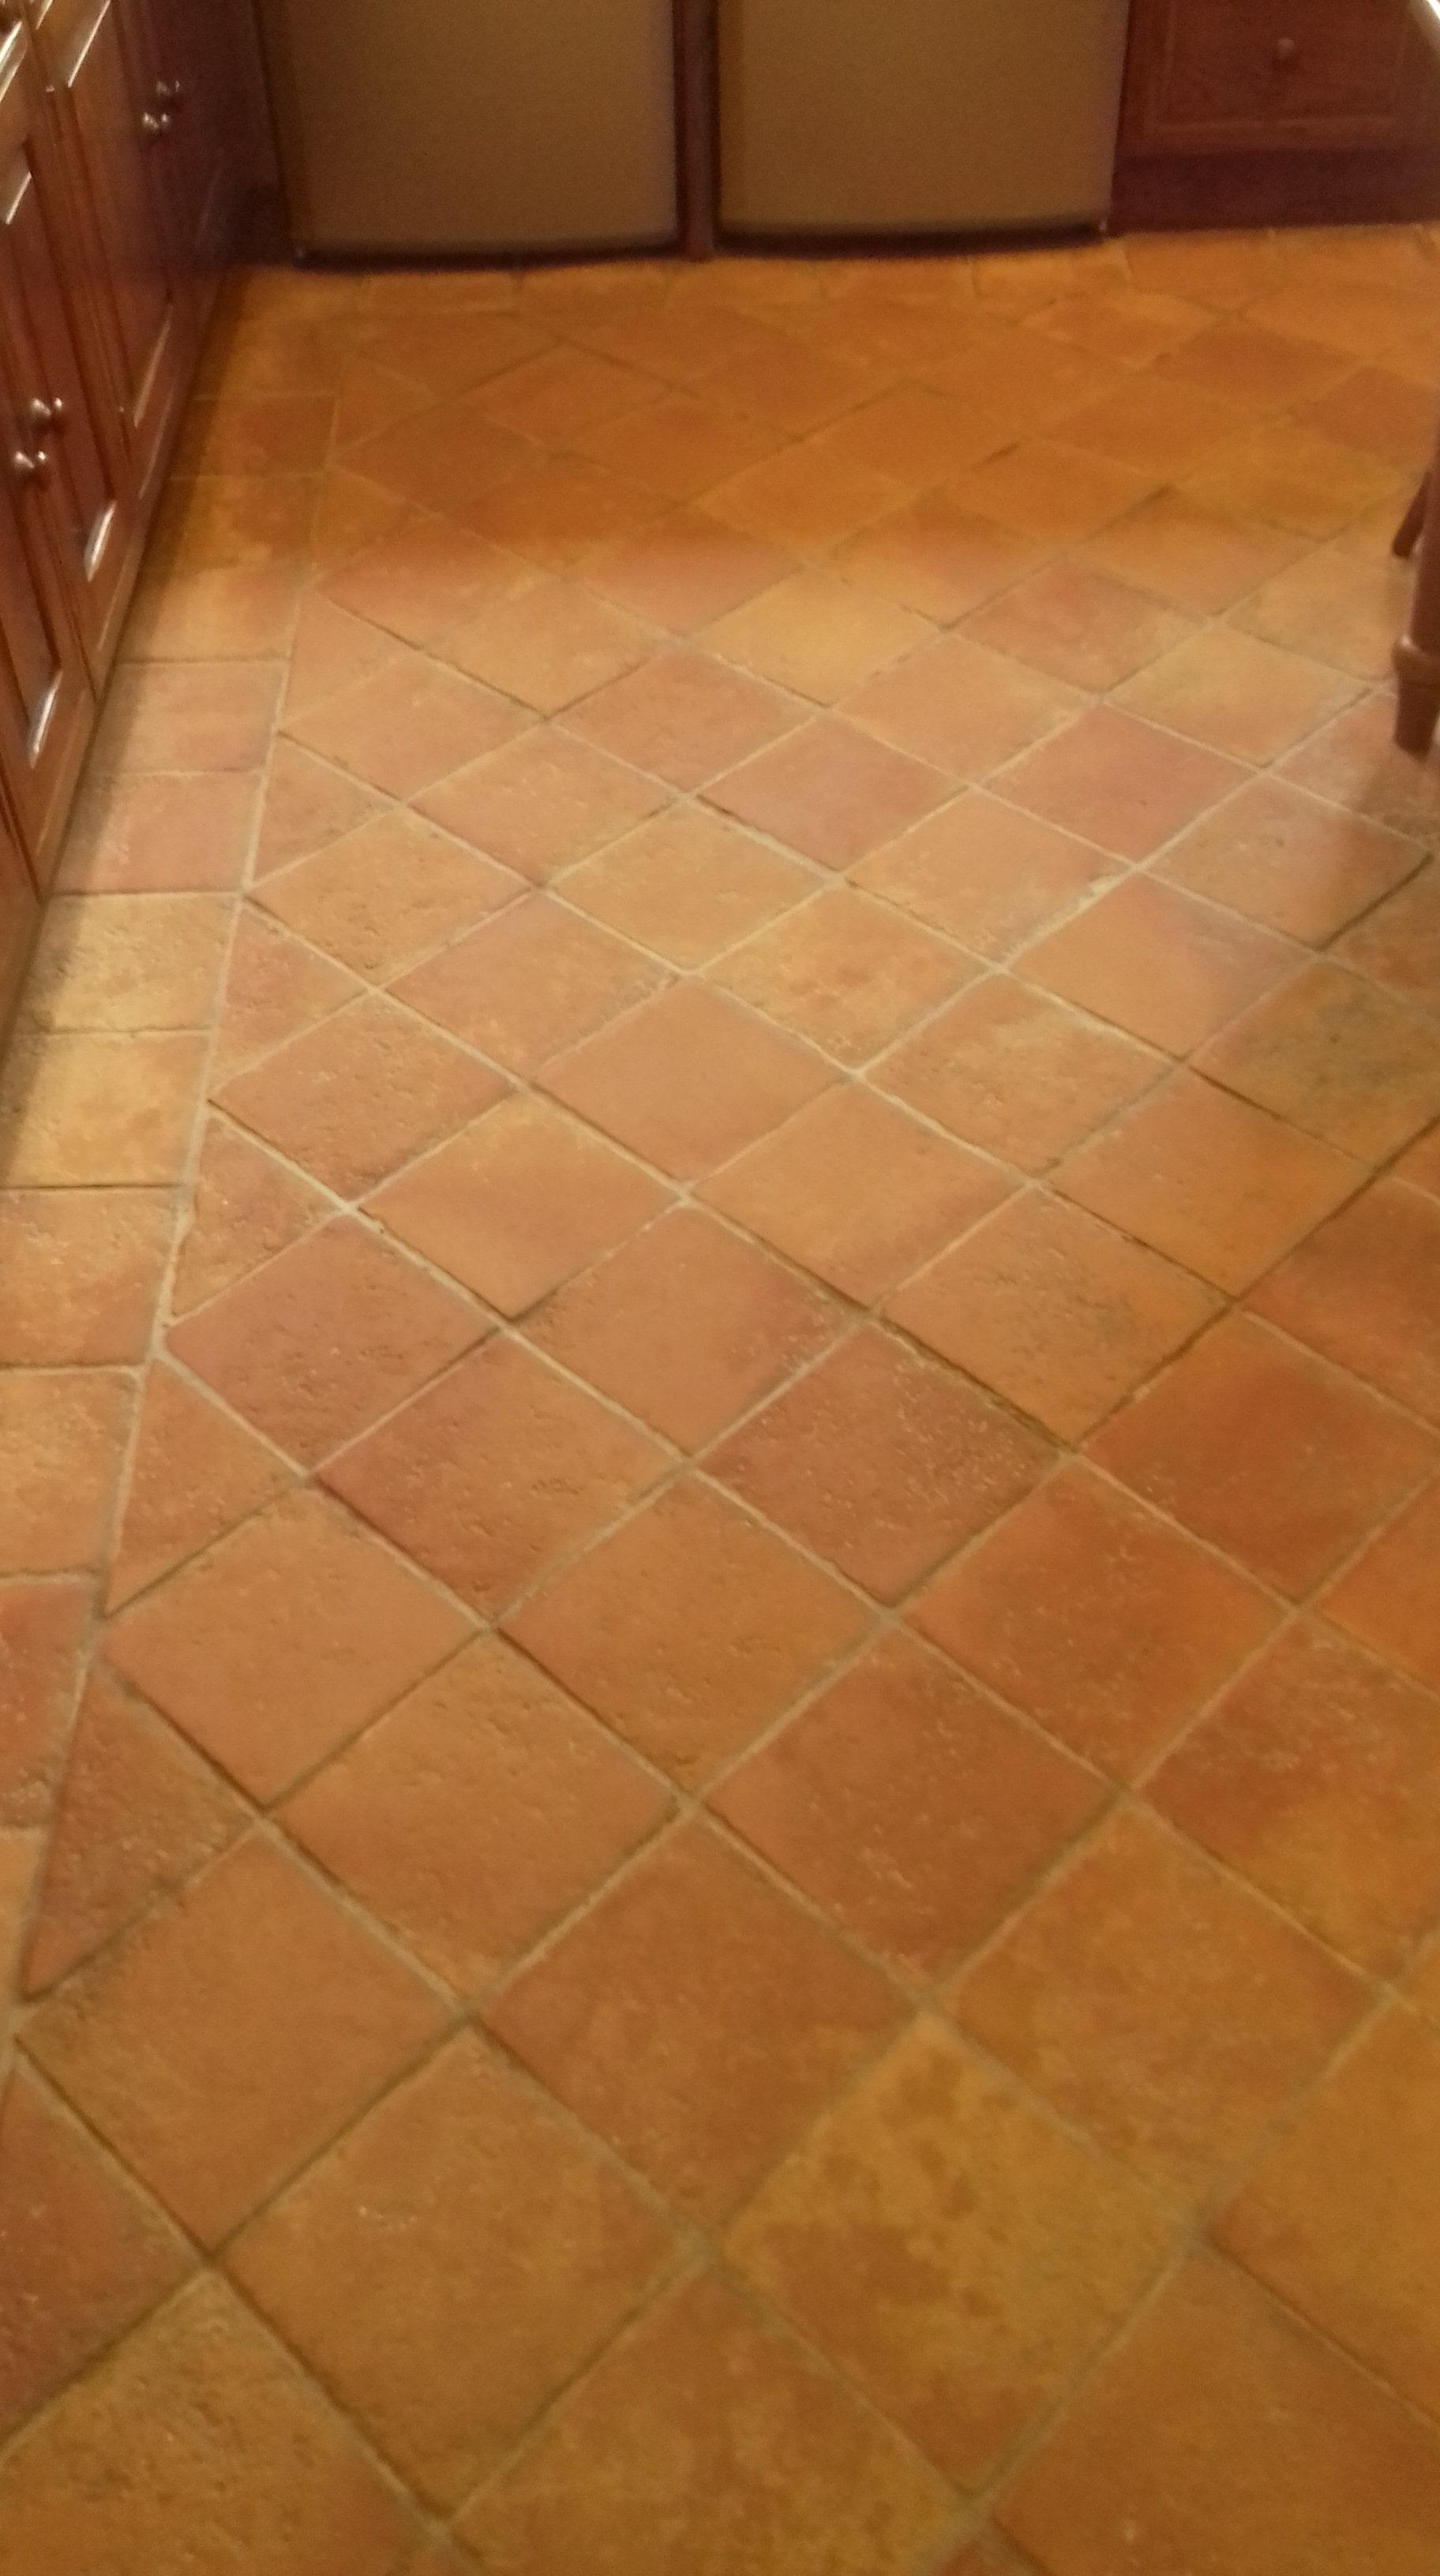 1970s Terracotta Tiled Floor After Restoration Chilham Cottage